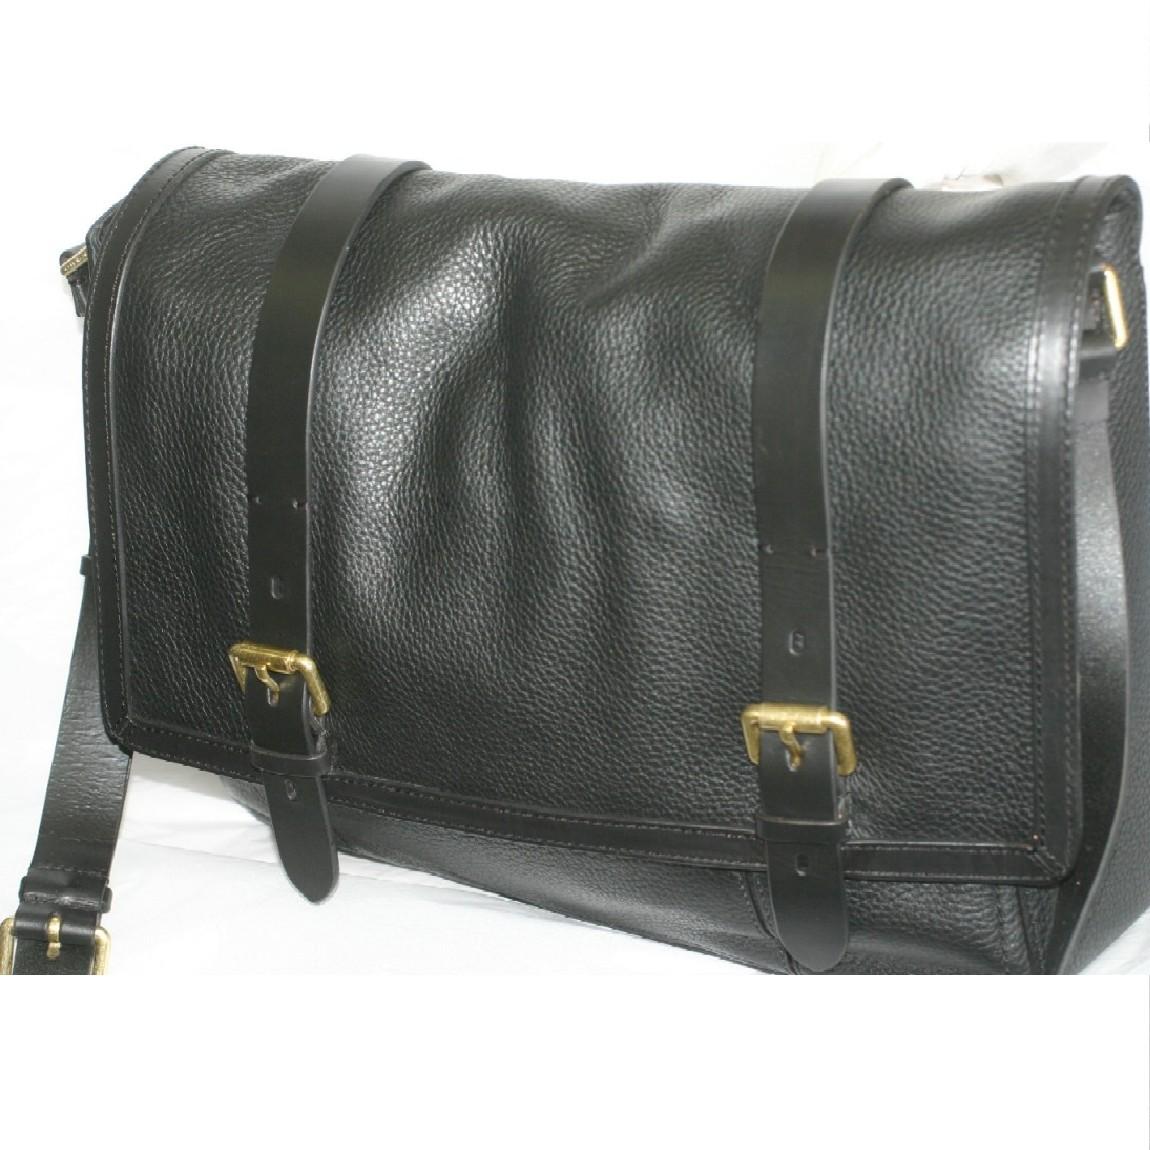 【中古】本物新品未使用コールハーン紳士用斜め掛け可能黒いボコボコした質感のメッセンジャーバッグM10711 サイズW39H29D10cm